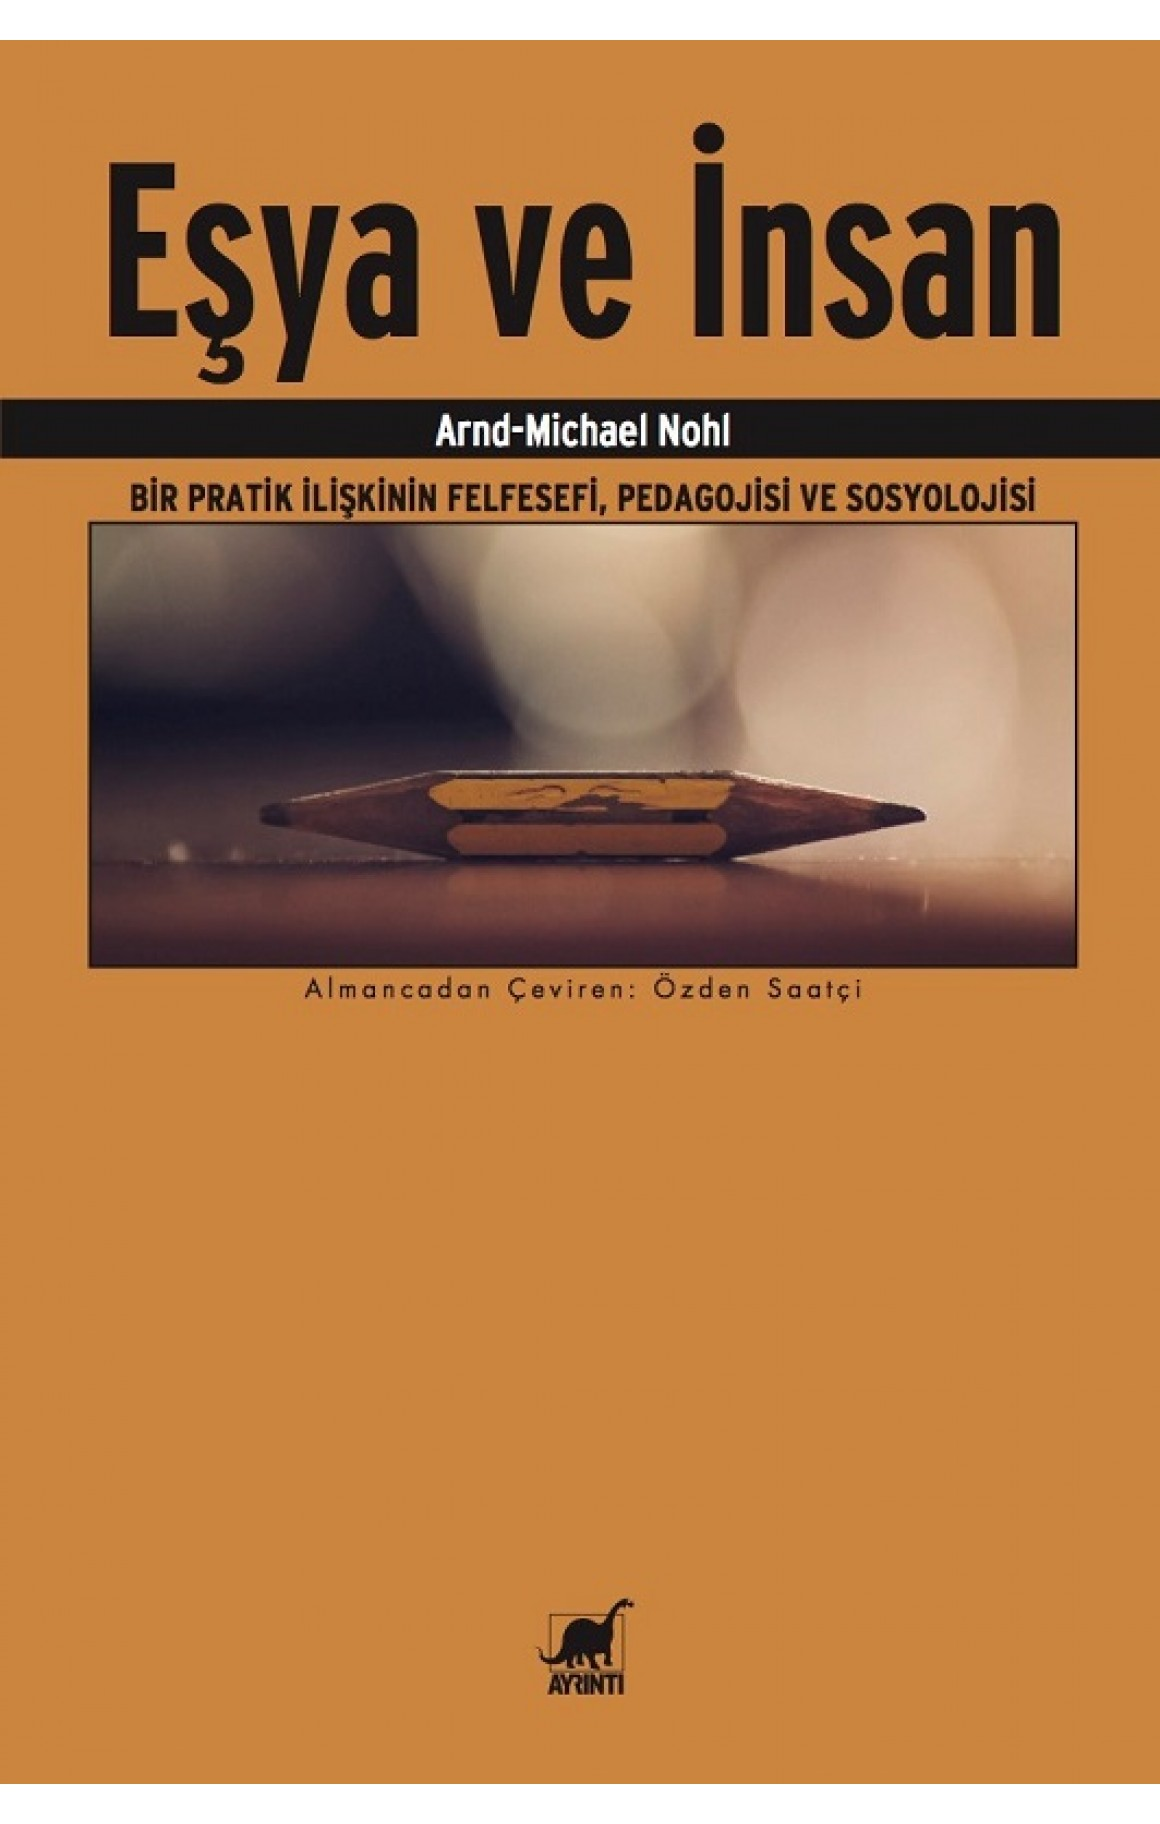 Eşya ve İnsan-Bir Pratik İlişkinin Felsefesi,Pedagojisi ve Sosyolojisi